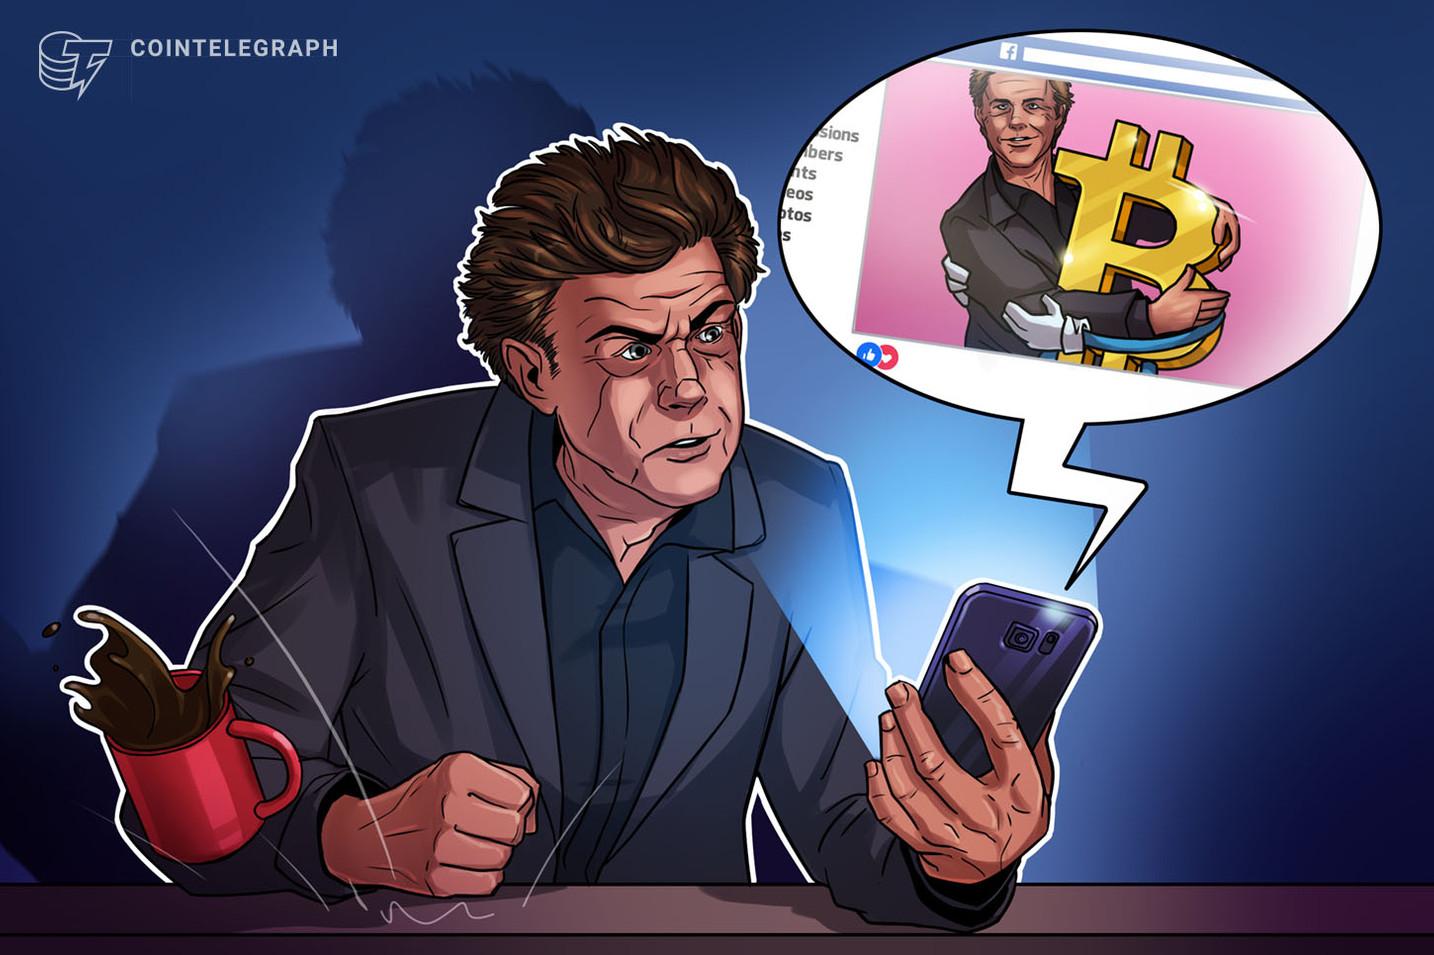 オランダの裁判所、フェイスブック上の仮想通貨広告の削除命令 有名人の画像悪用【ニュース】